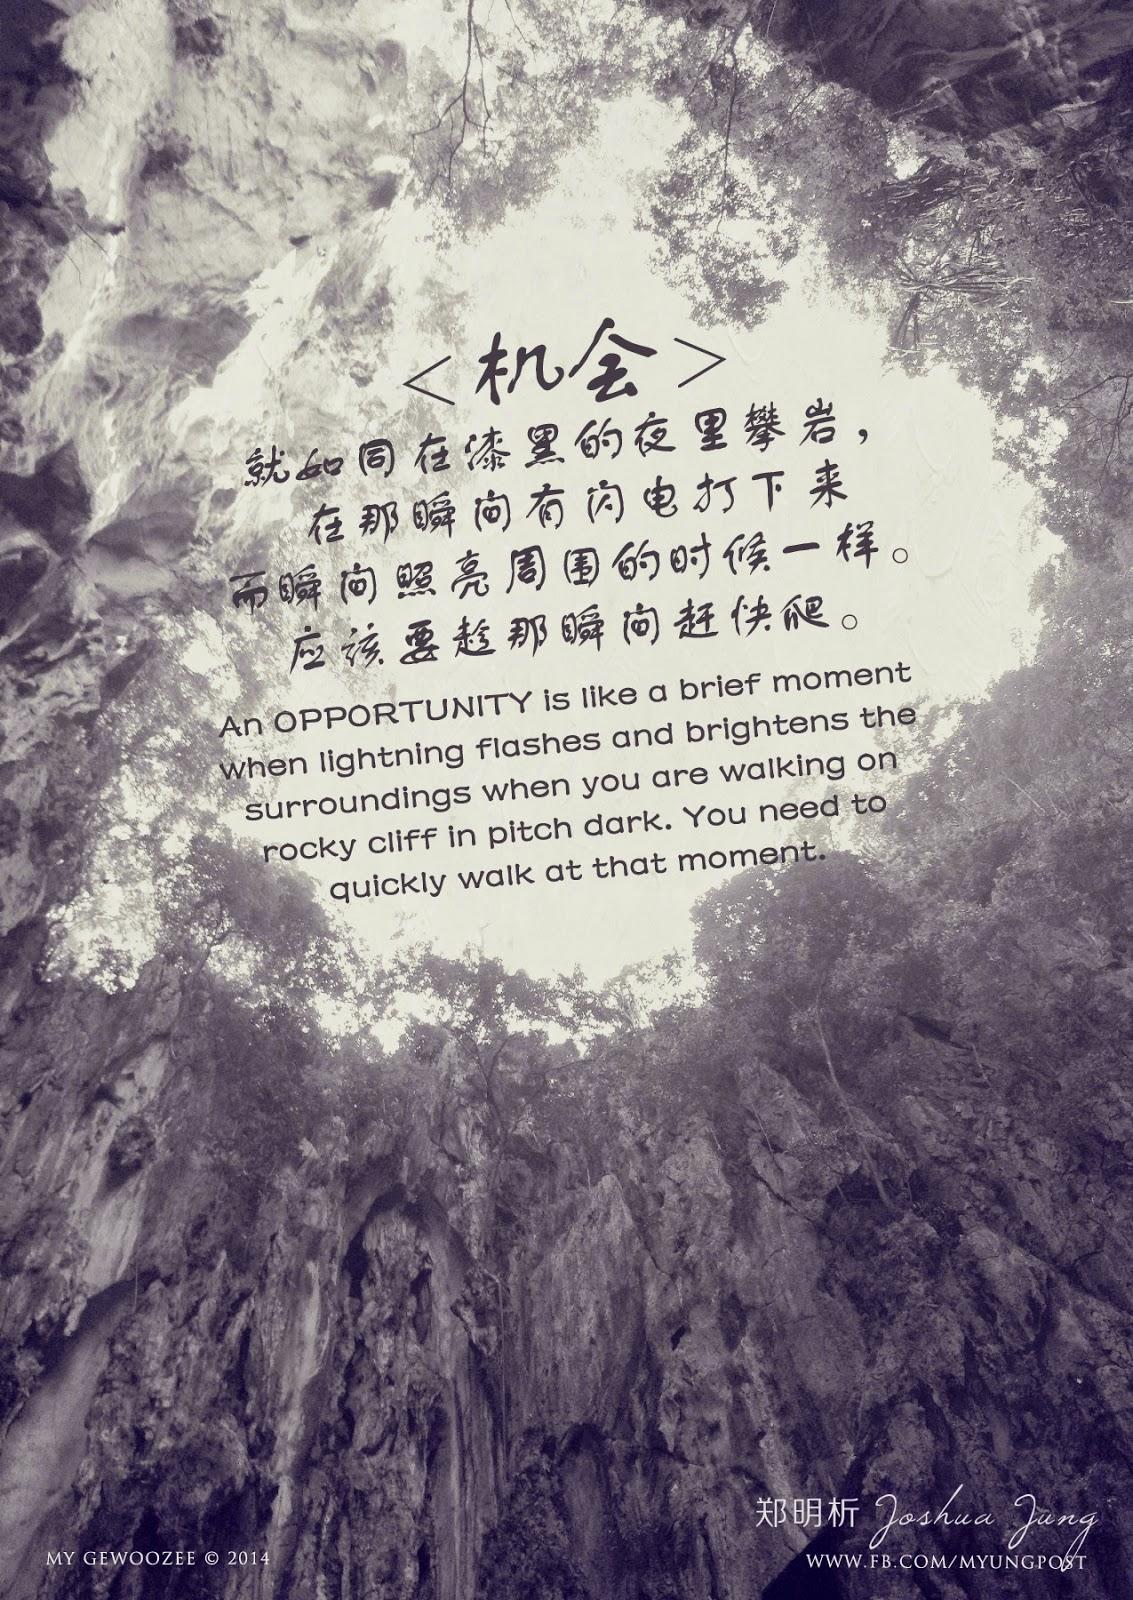 郑明析,摄理,月明洞,机会,闪电,Joshua Jung, Providence, Wolmyeong Dong, opportunity, lightning